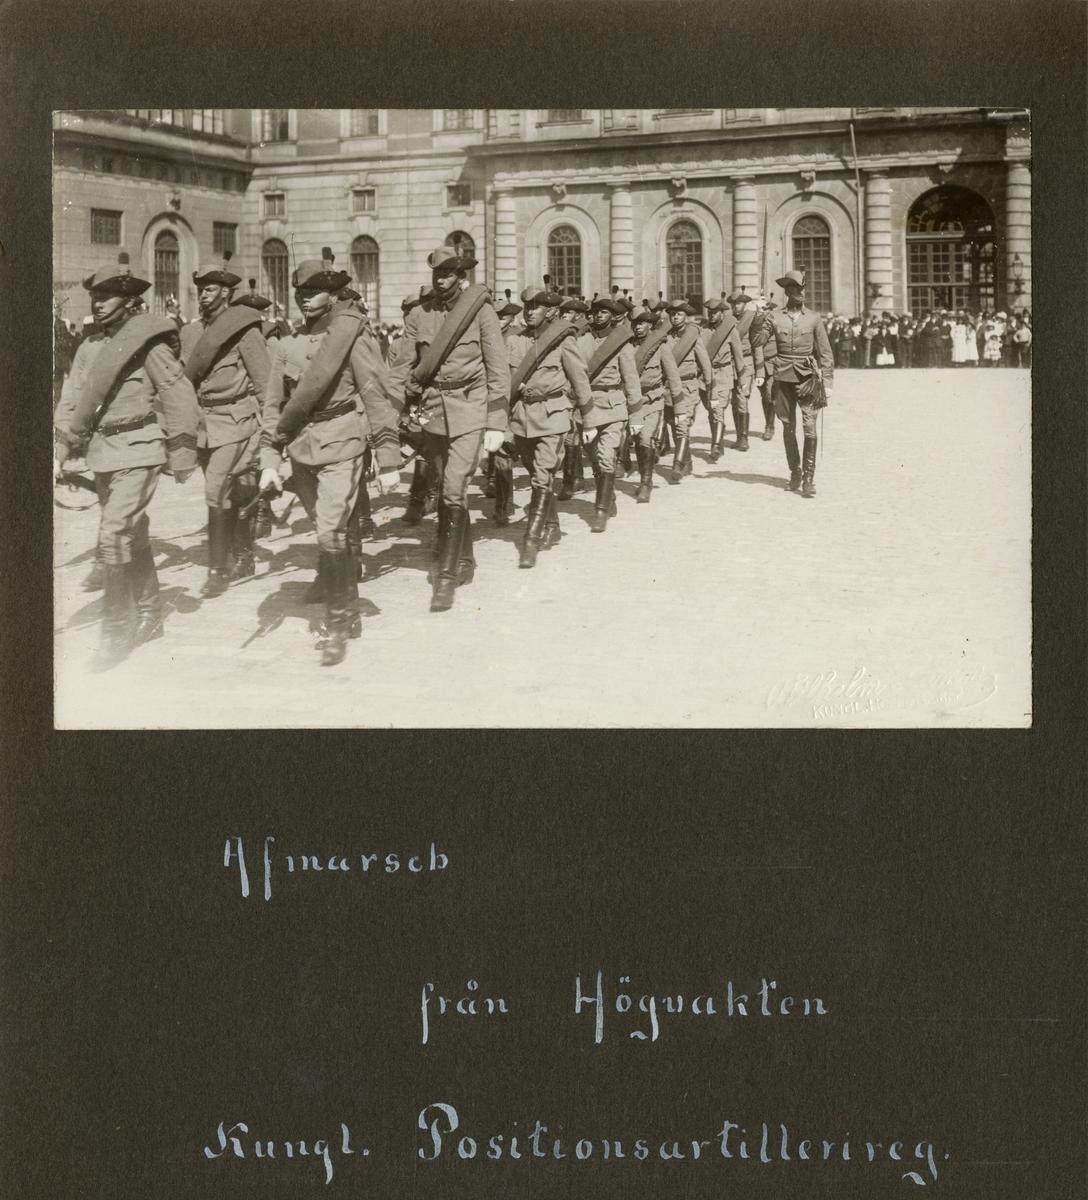 """Text i fotoalbum: """"Afmarsch från Högvakten. Kungl. Positionsartillerireg."""""""